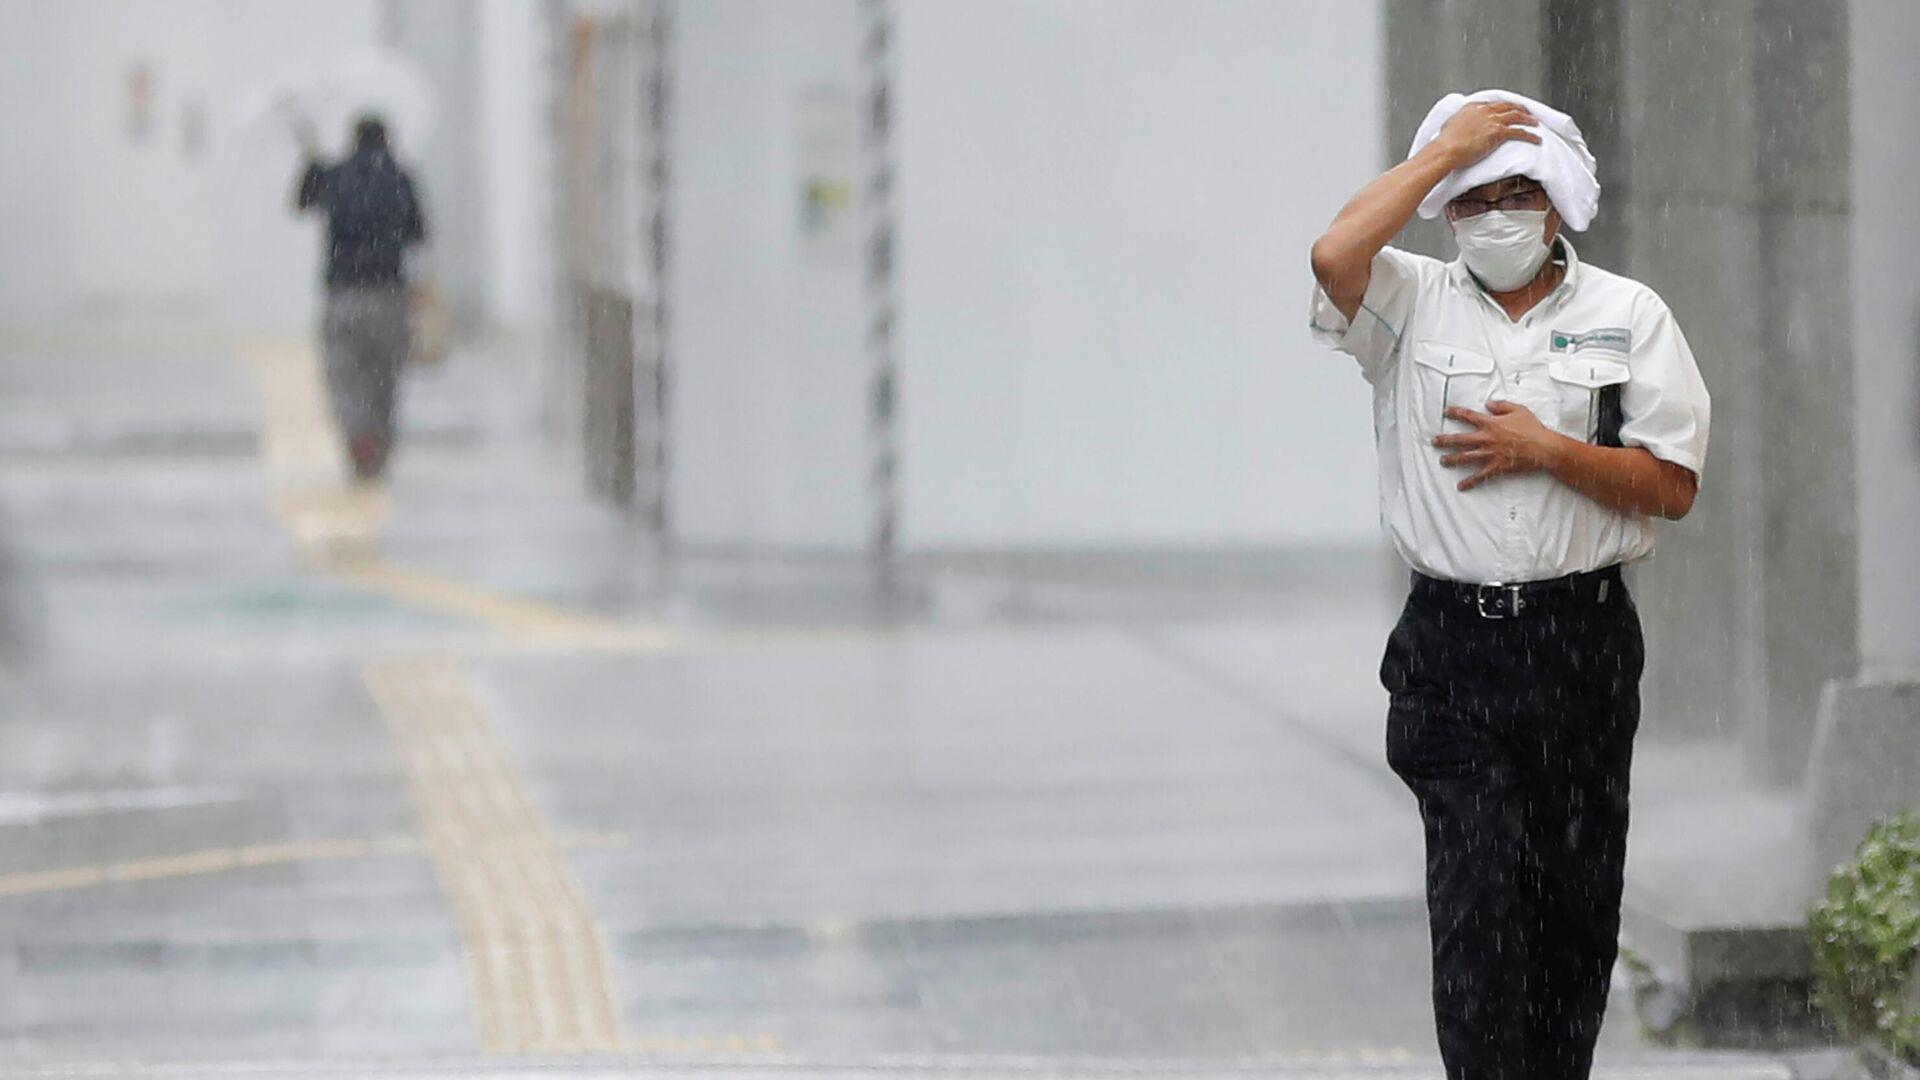 Мужчина идет по улице в Японии - Sputnik Беларусь, 1920, 05.10.2021